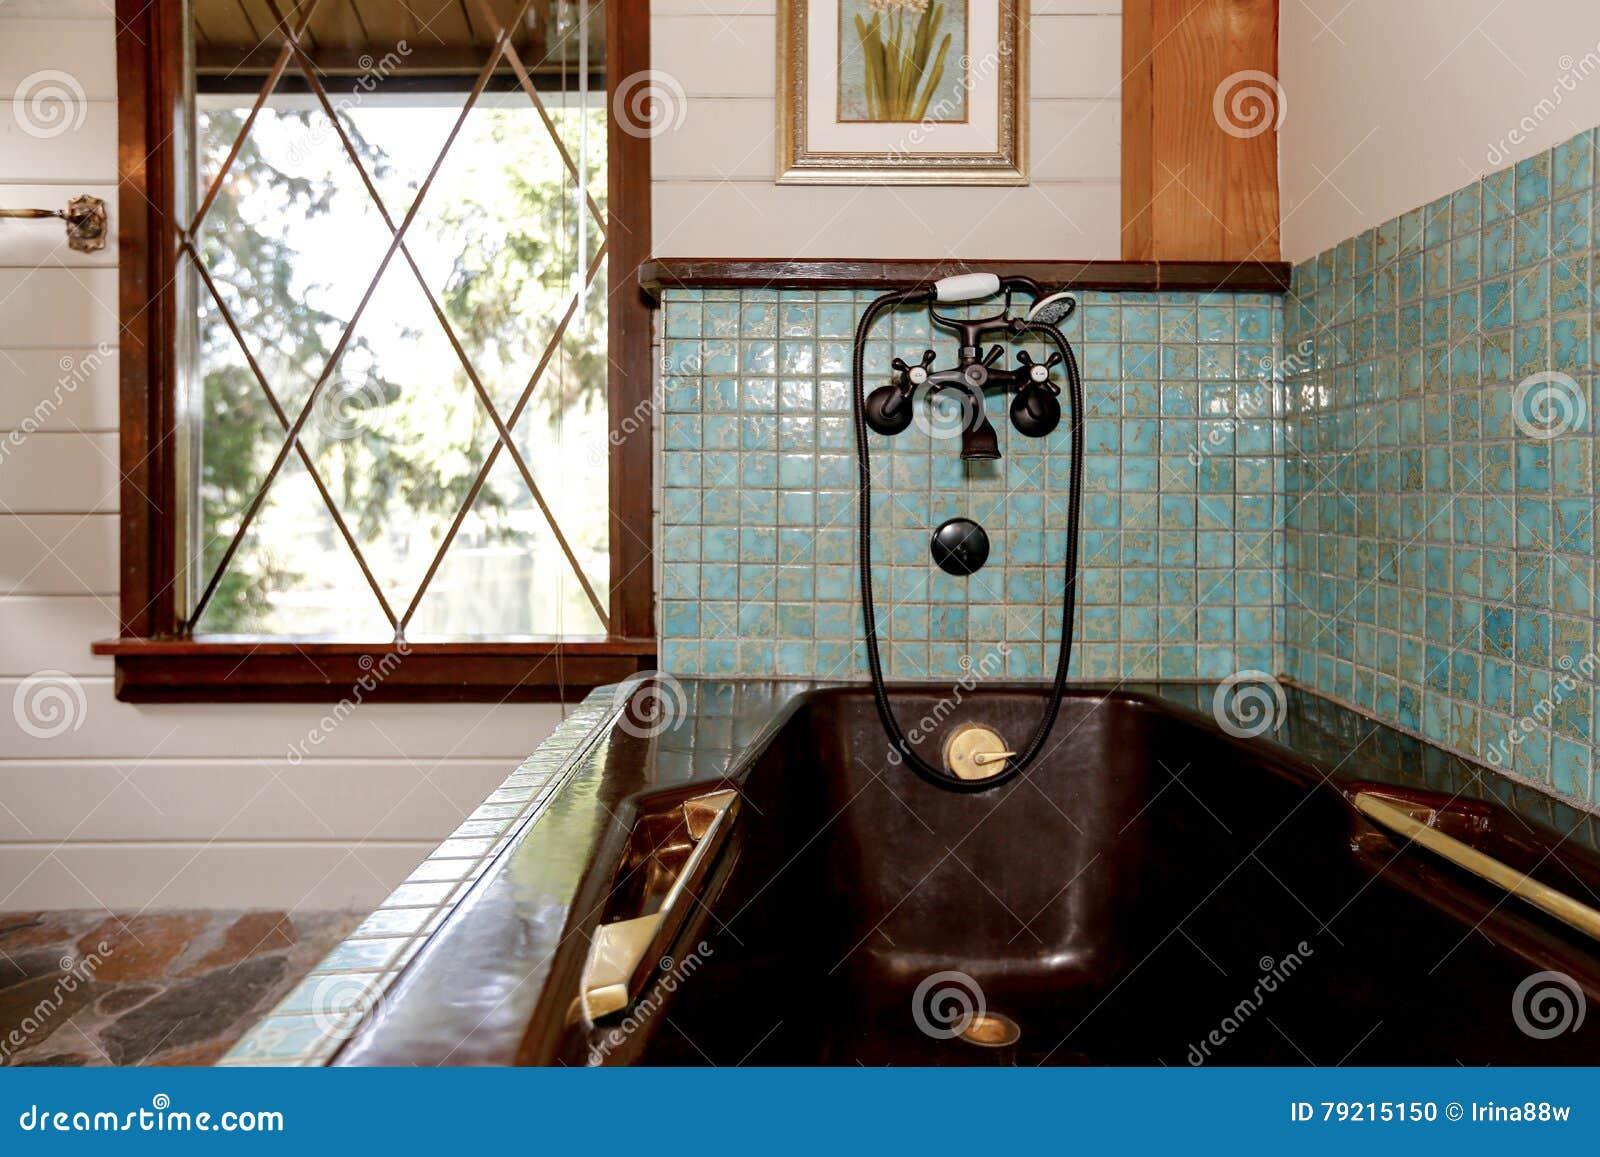 Badezimmerinnenraum in einer luxuriösen hölzernen Kabine